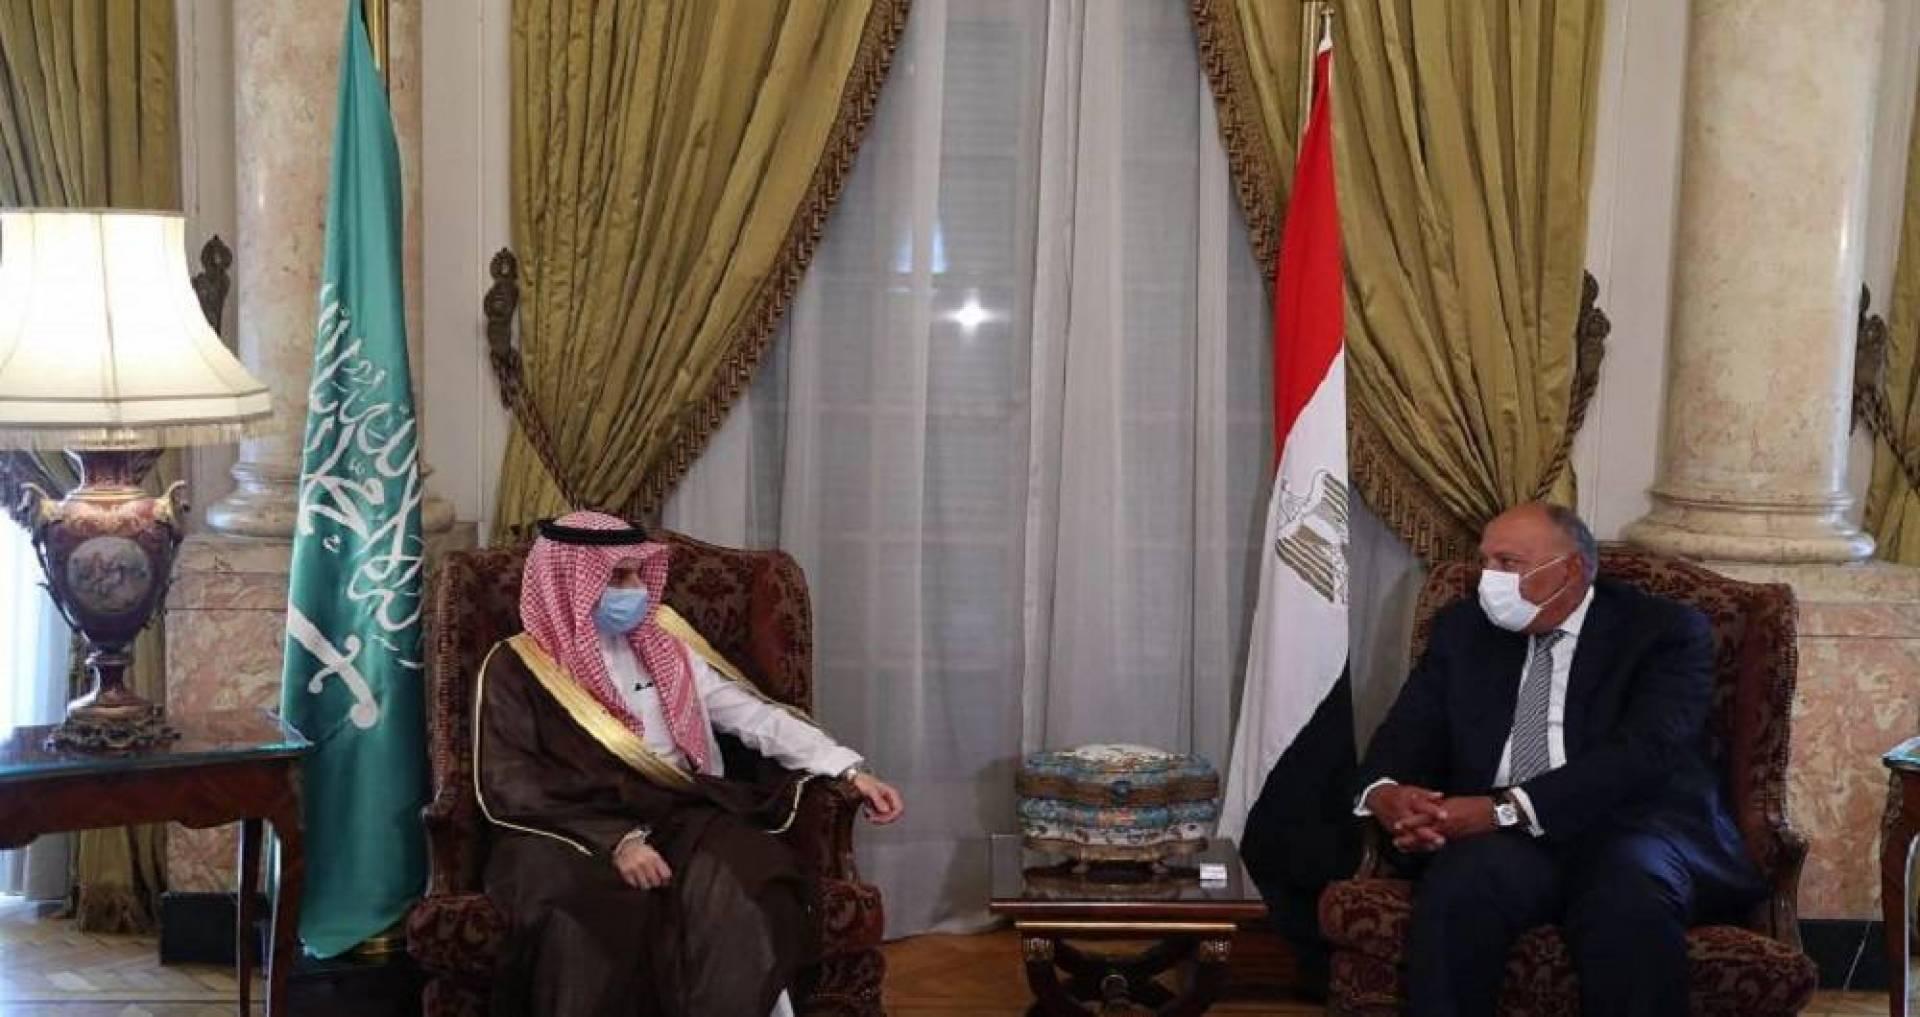 وزير الخارجية السعودي يؤكد من القاهرة الدعم الكامل لمصر في أزمة ليبيا